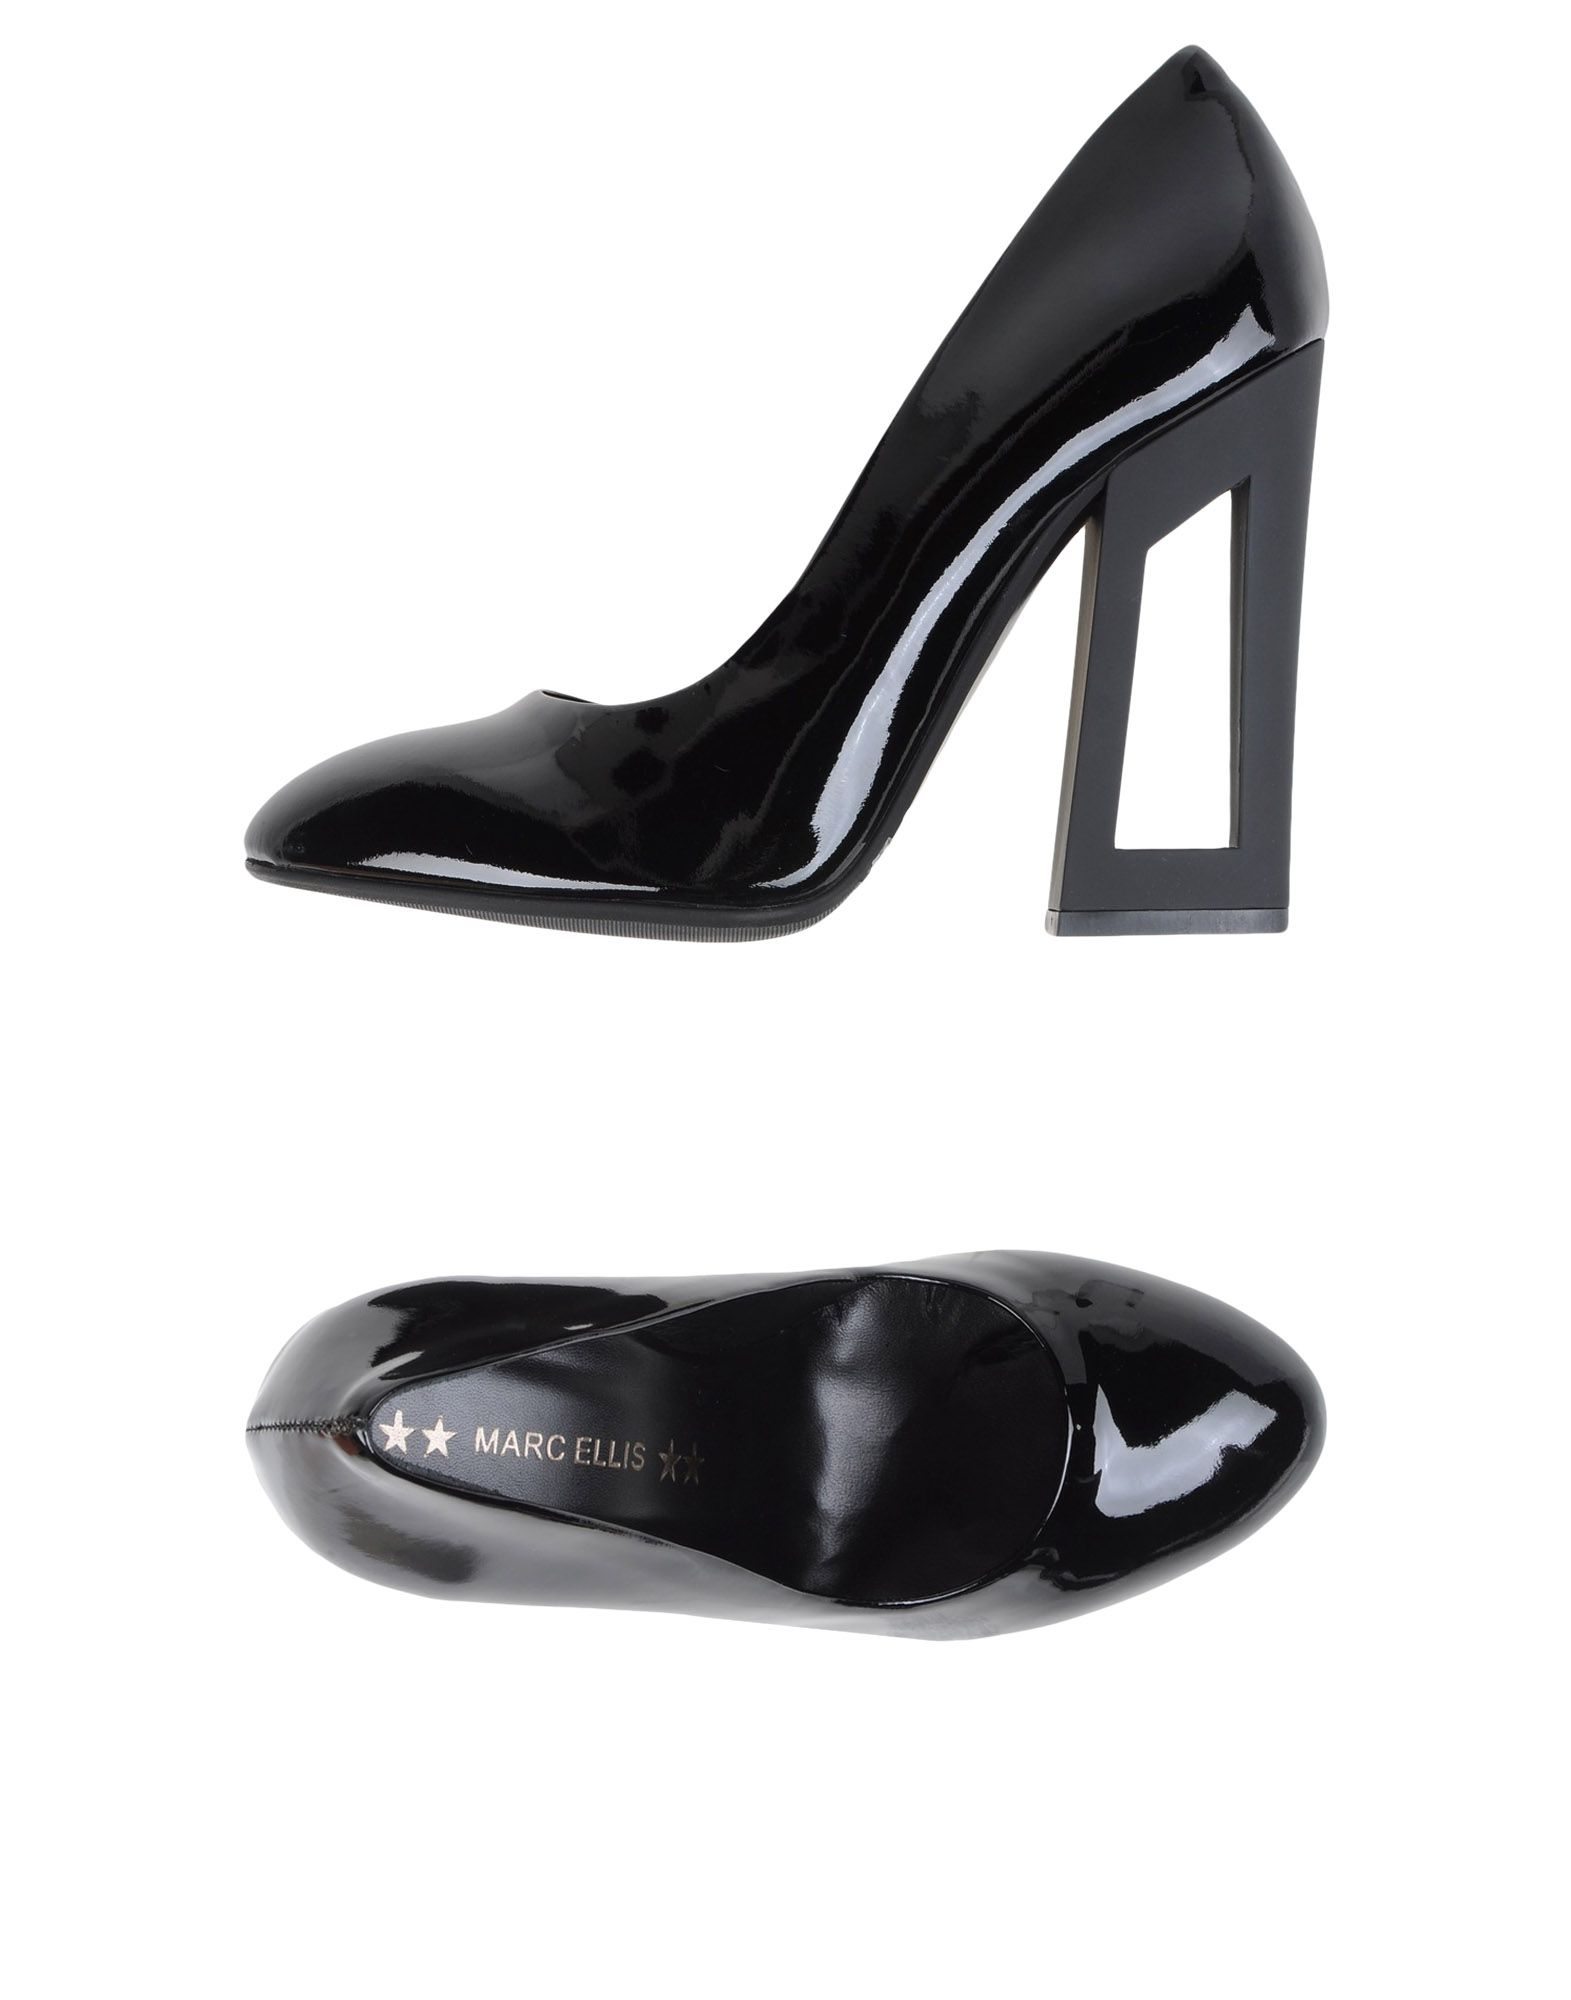 Marc Ellis Schuhe Pumps Damen  11091854UG Gute Qualität beliebte Schuhe Ellis a8eaad